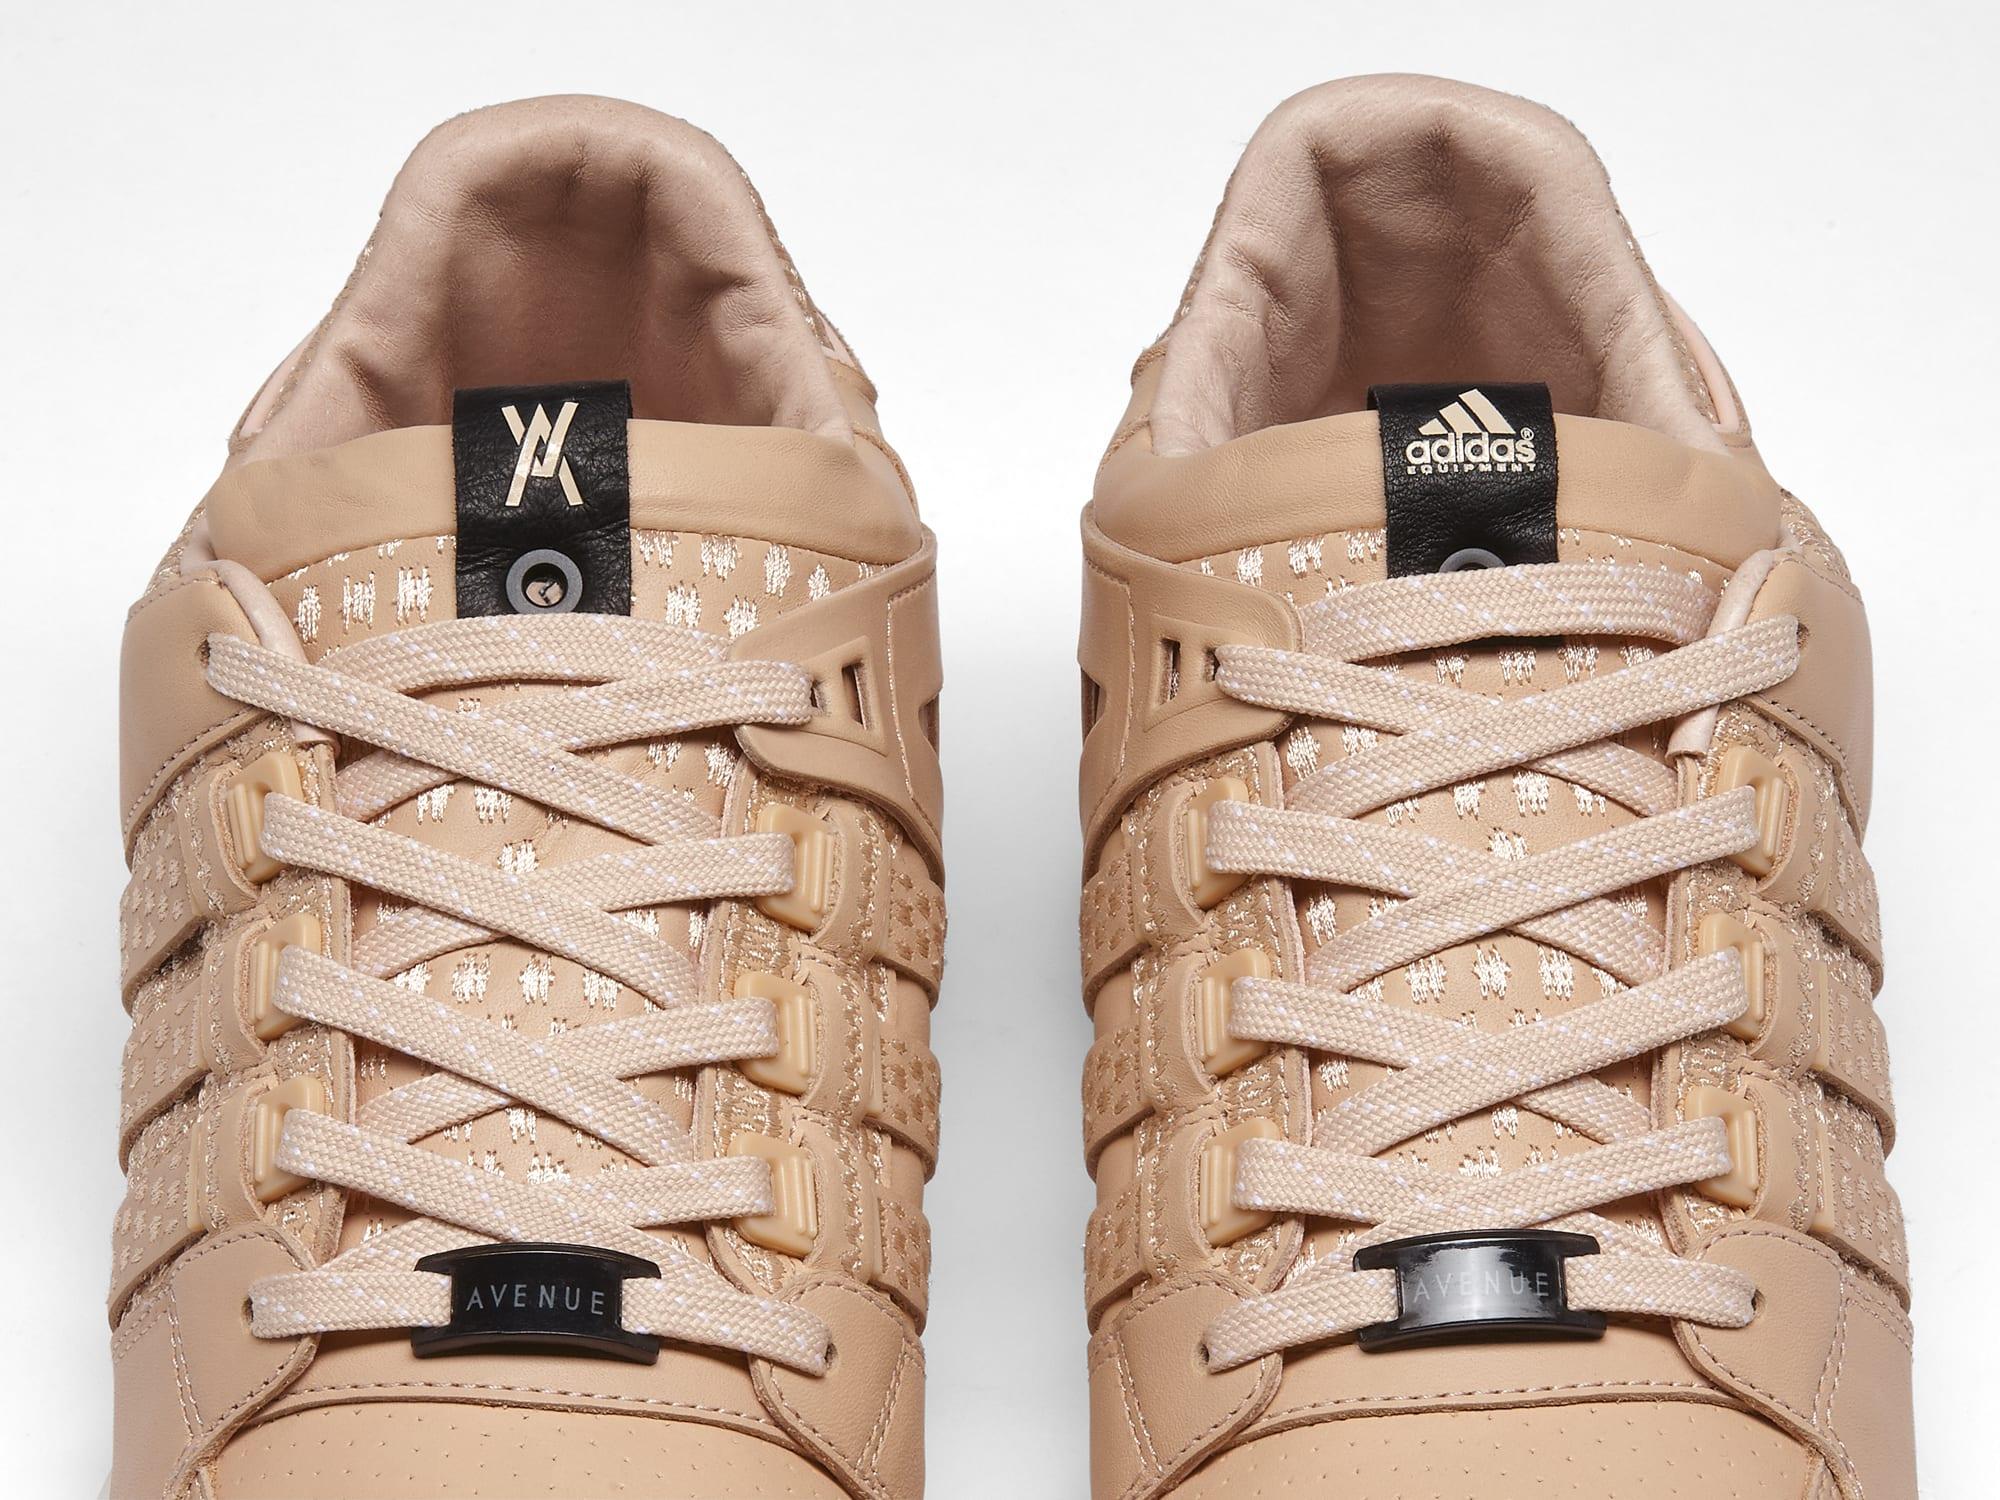 Avenue Adidas EQT 93 16 Support 4